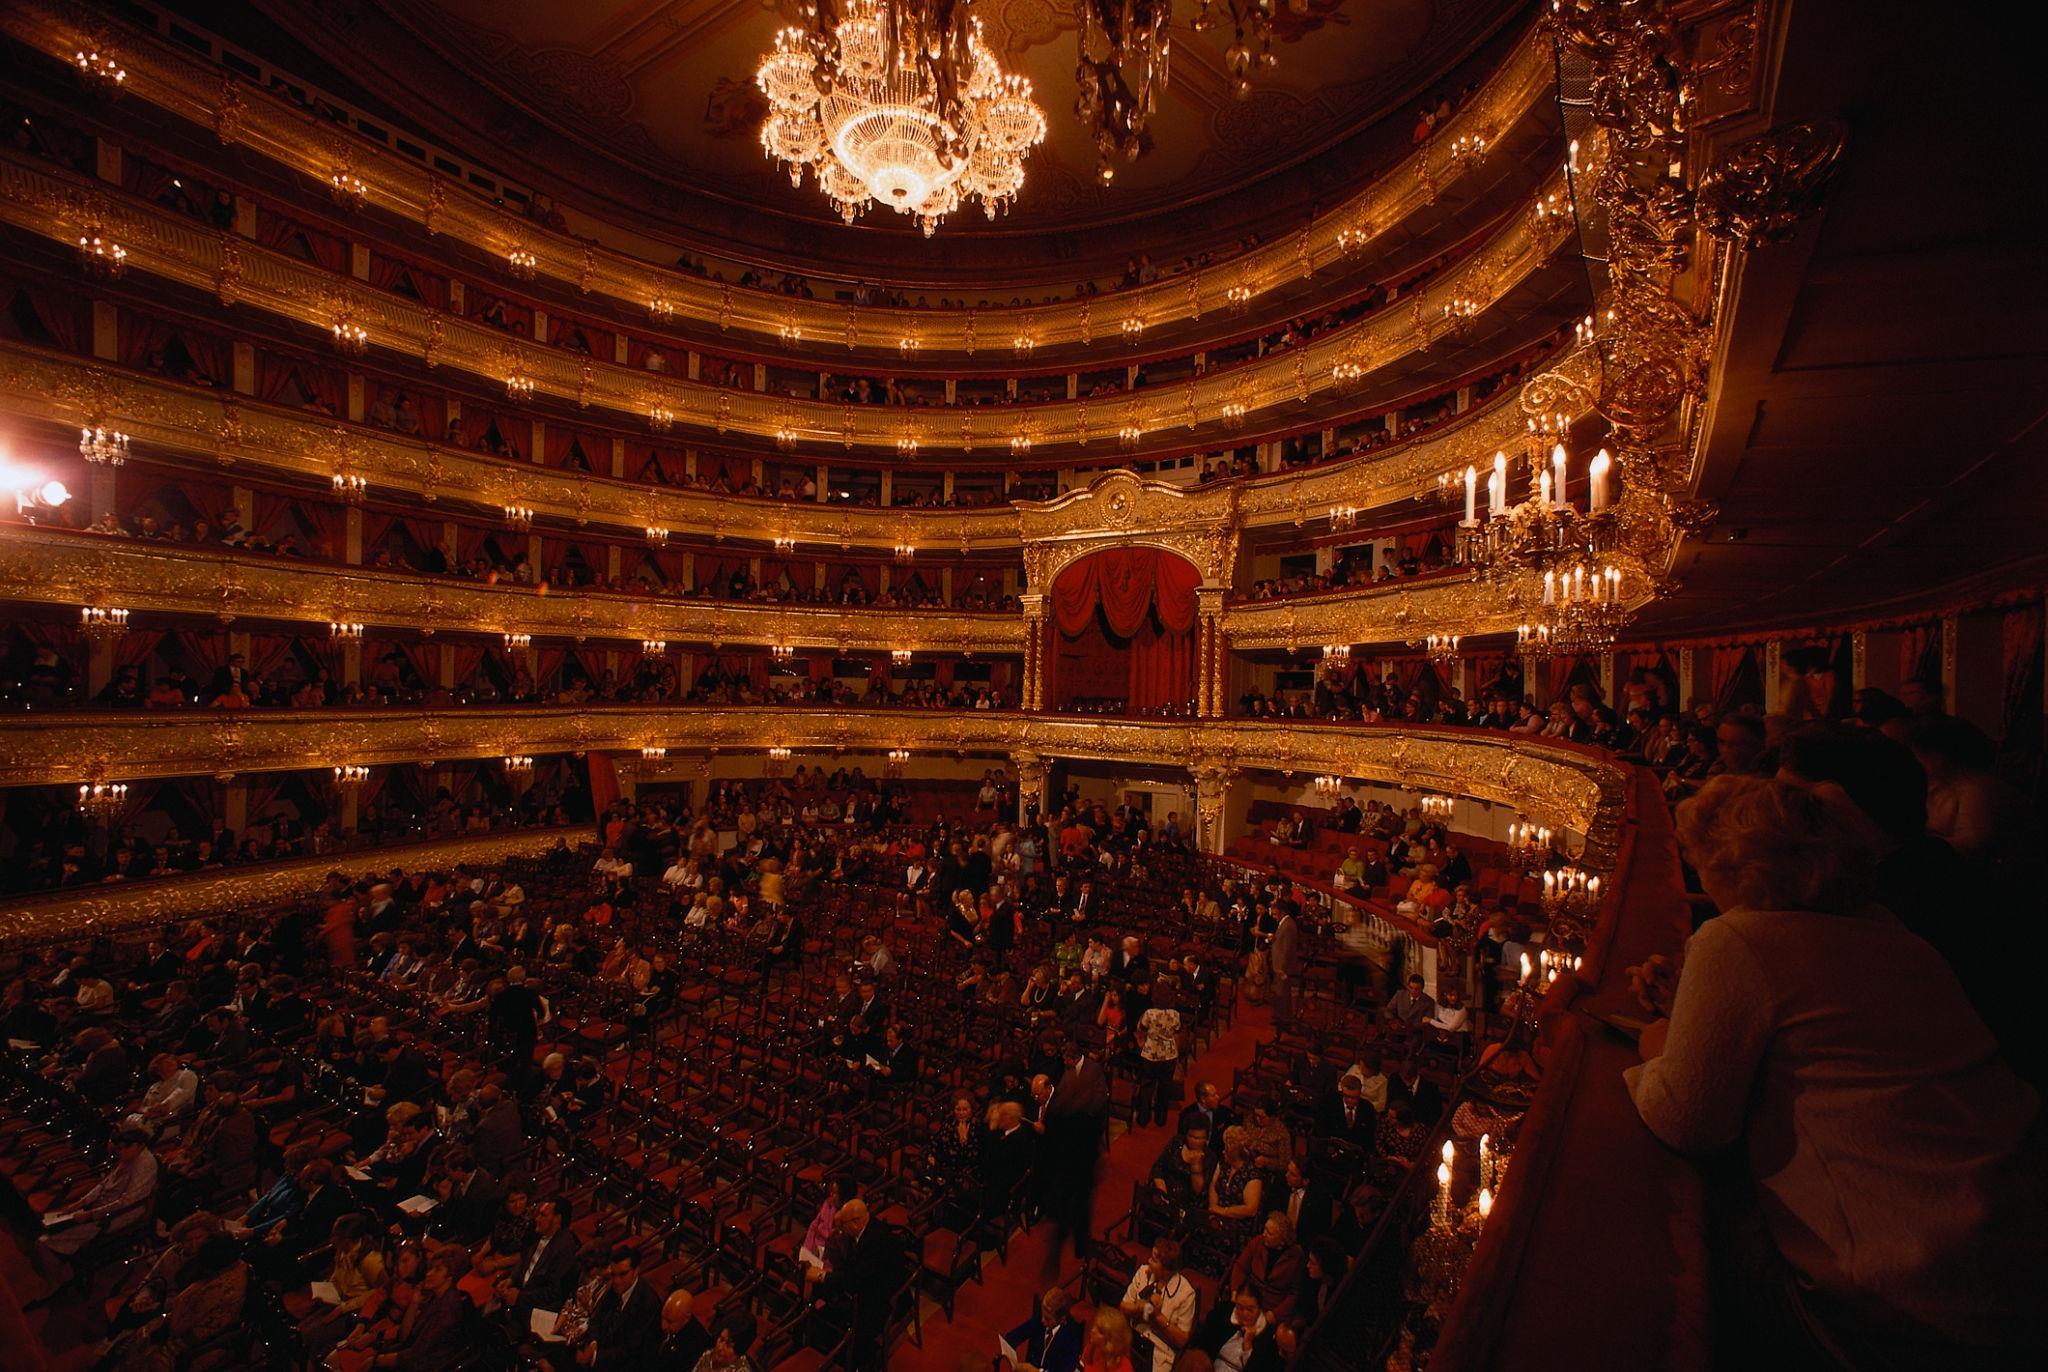 1964. Большой театр. Интерьер зала